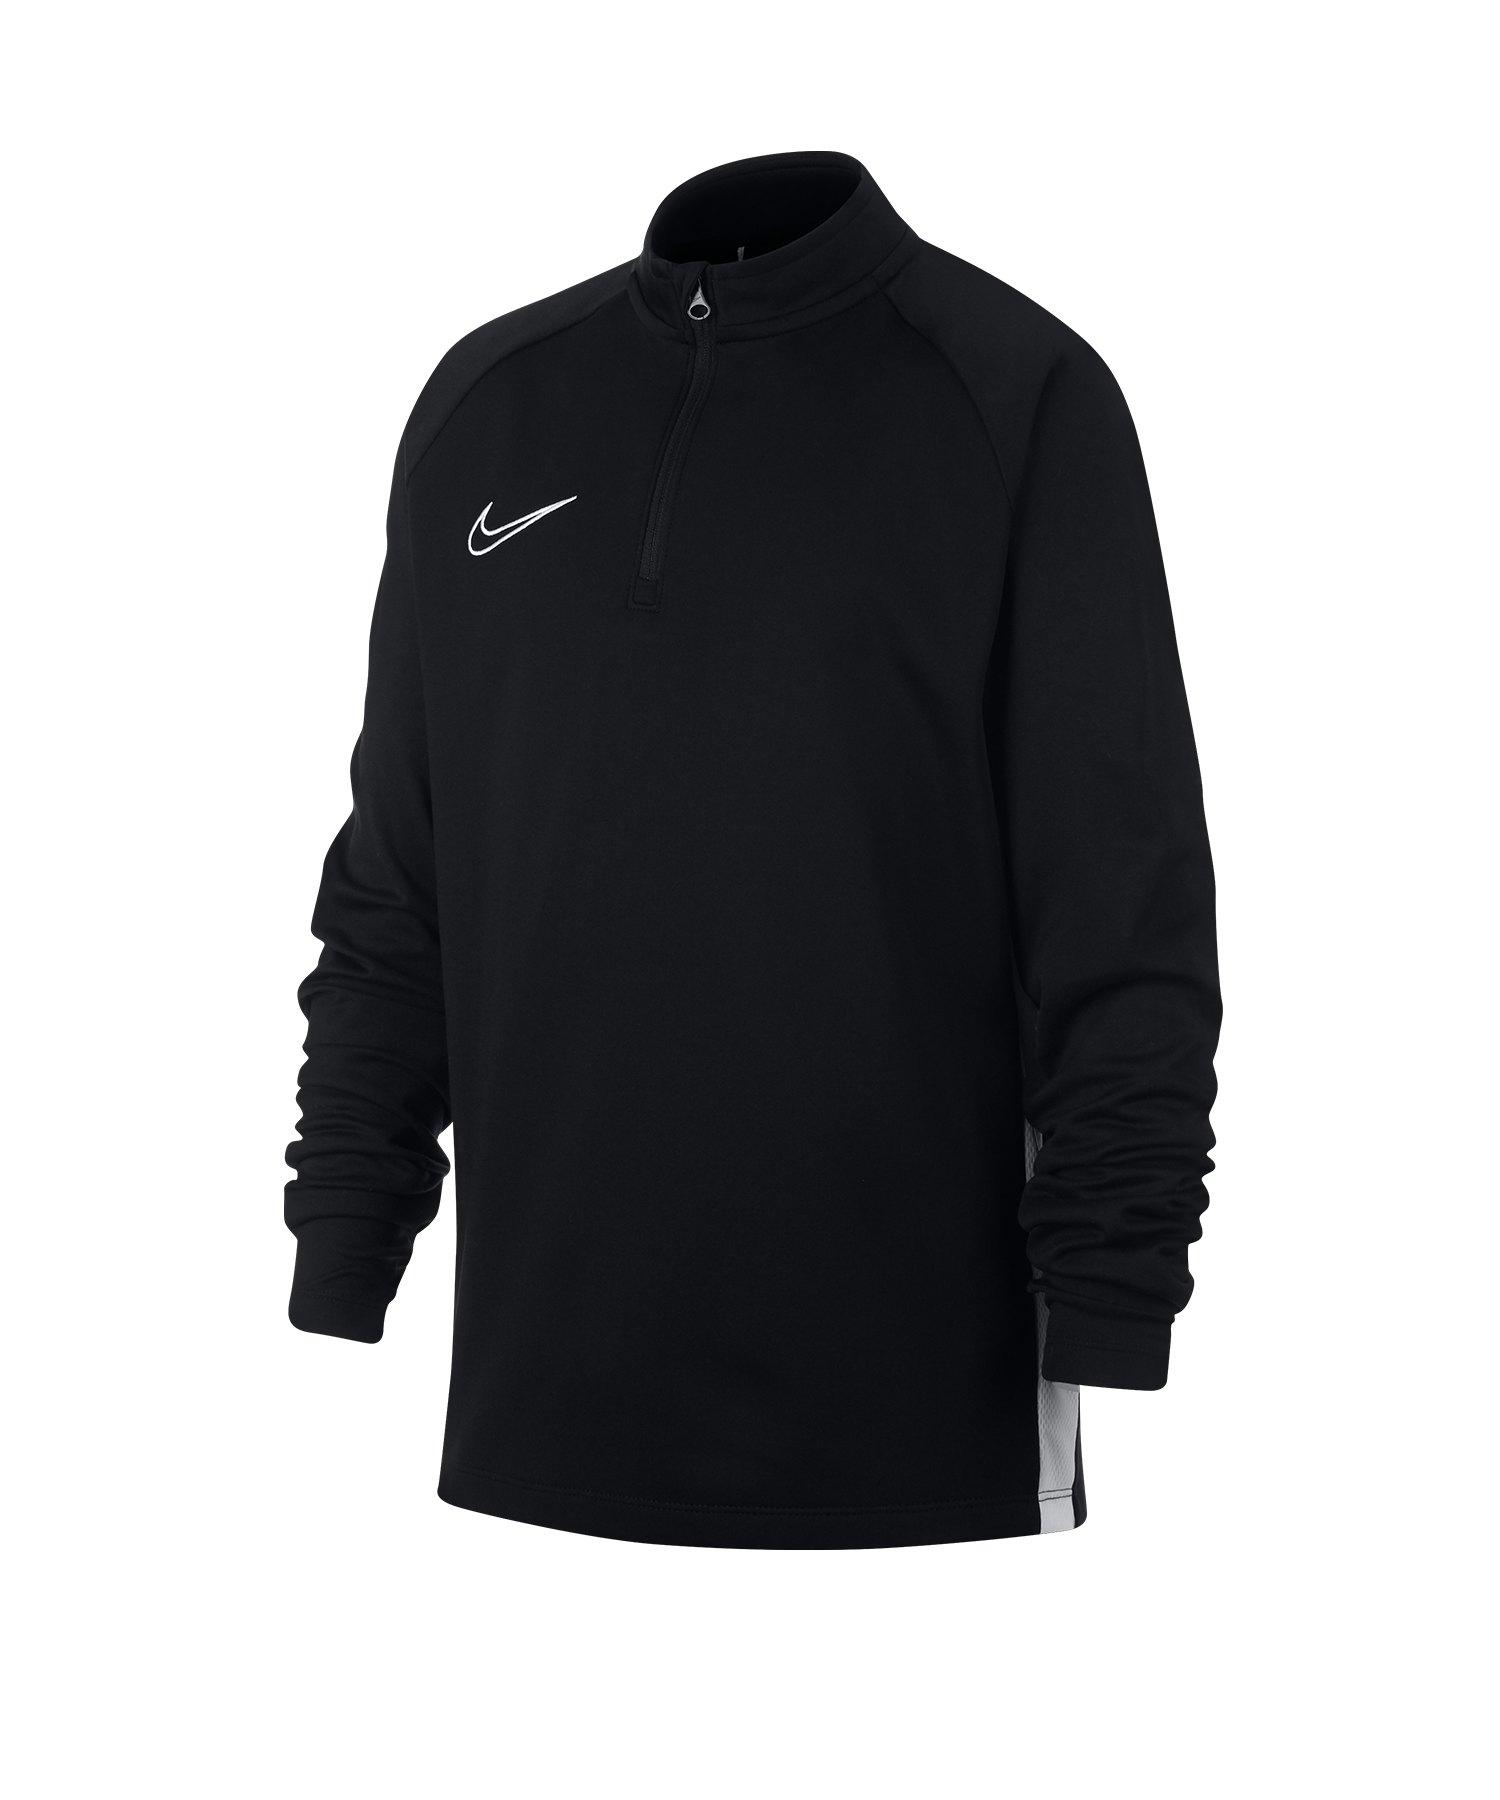 Nike Dry Academy Drill Top Kids Schwarz F010 - schwarz